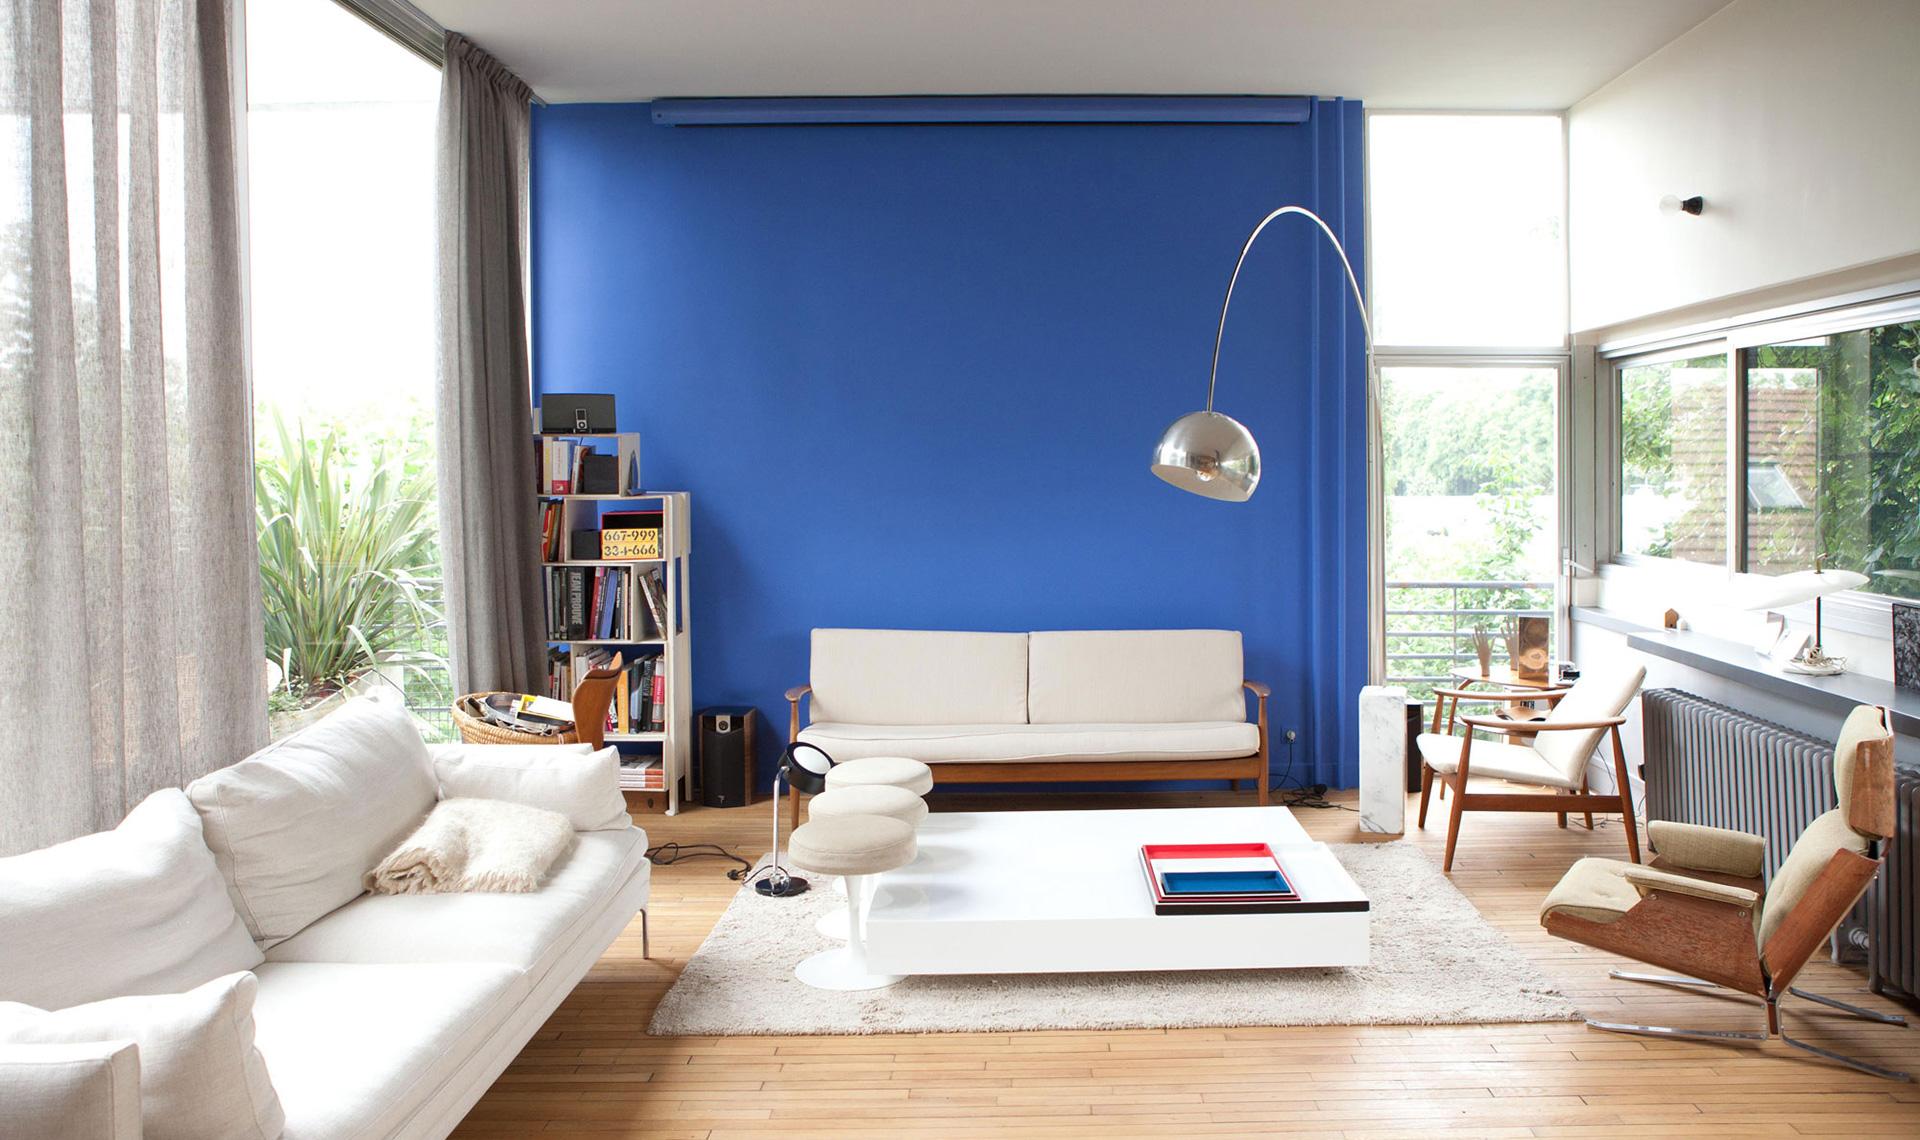 Квартира в доме по проекту Ле Корбюзье выставлена на продажу